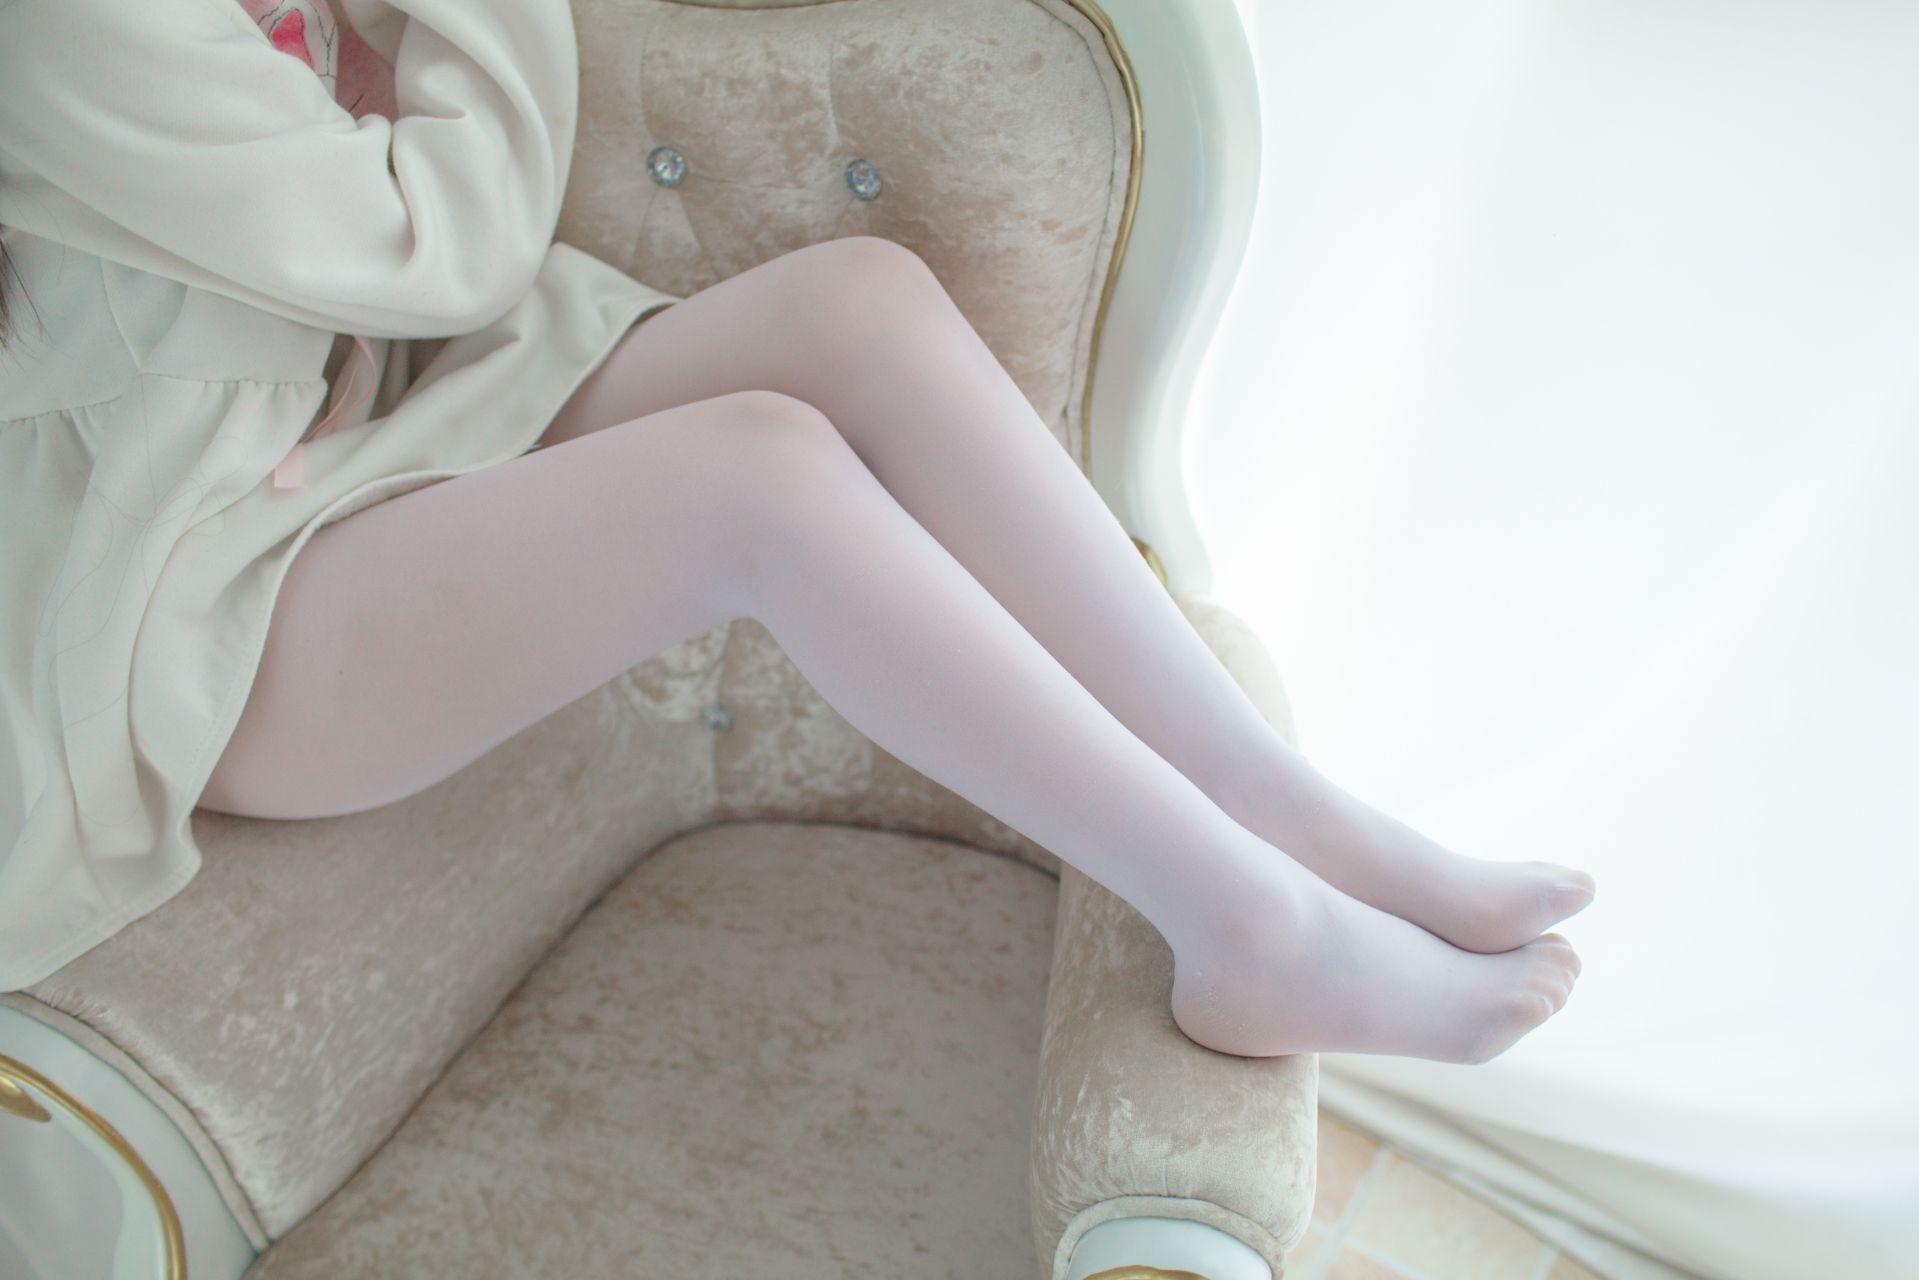 少女秩序 VOL.016 无法拒绝的白丝 兔玩映画 第24张